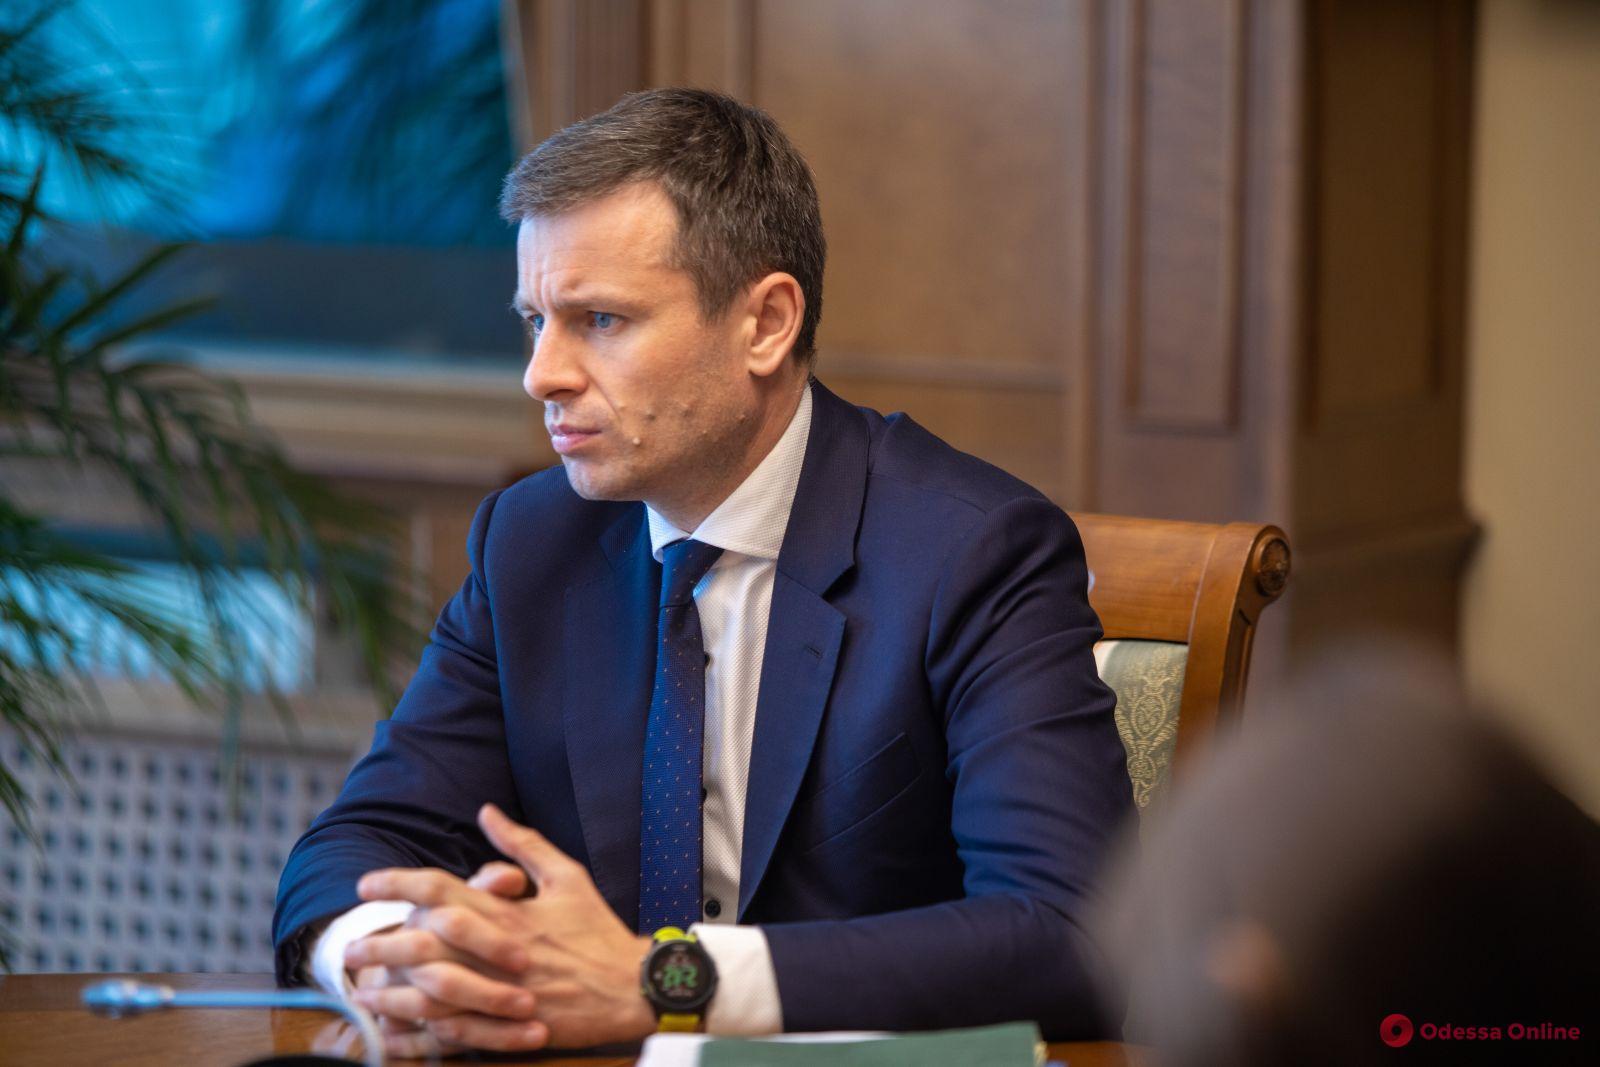 Министр финансов: в 2022 году минимальную зарплату в Украине планируют увеличить до 7 700 гривен